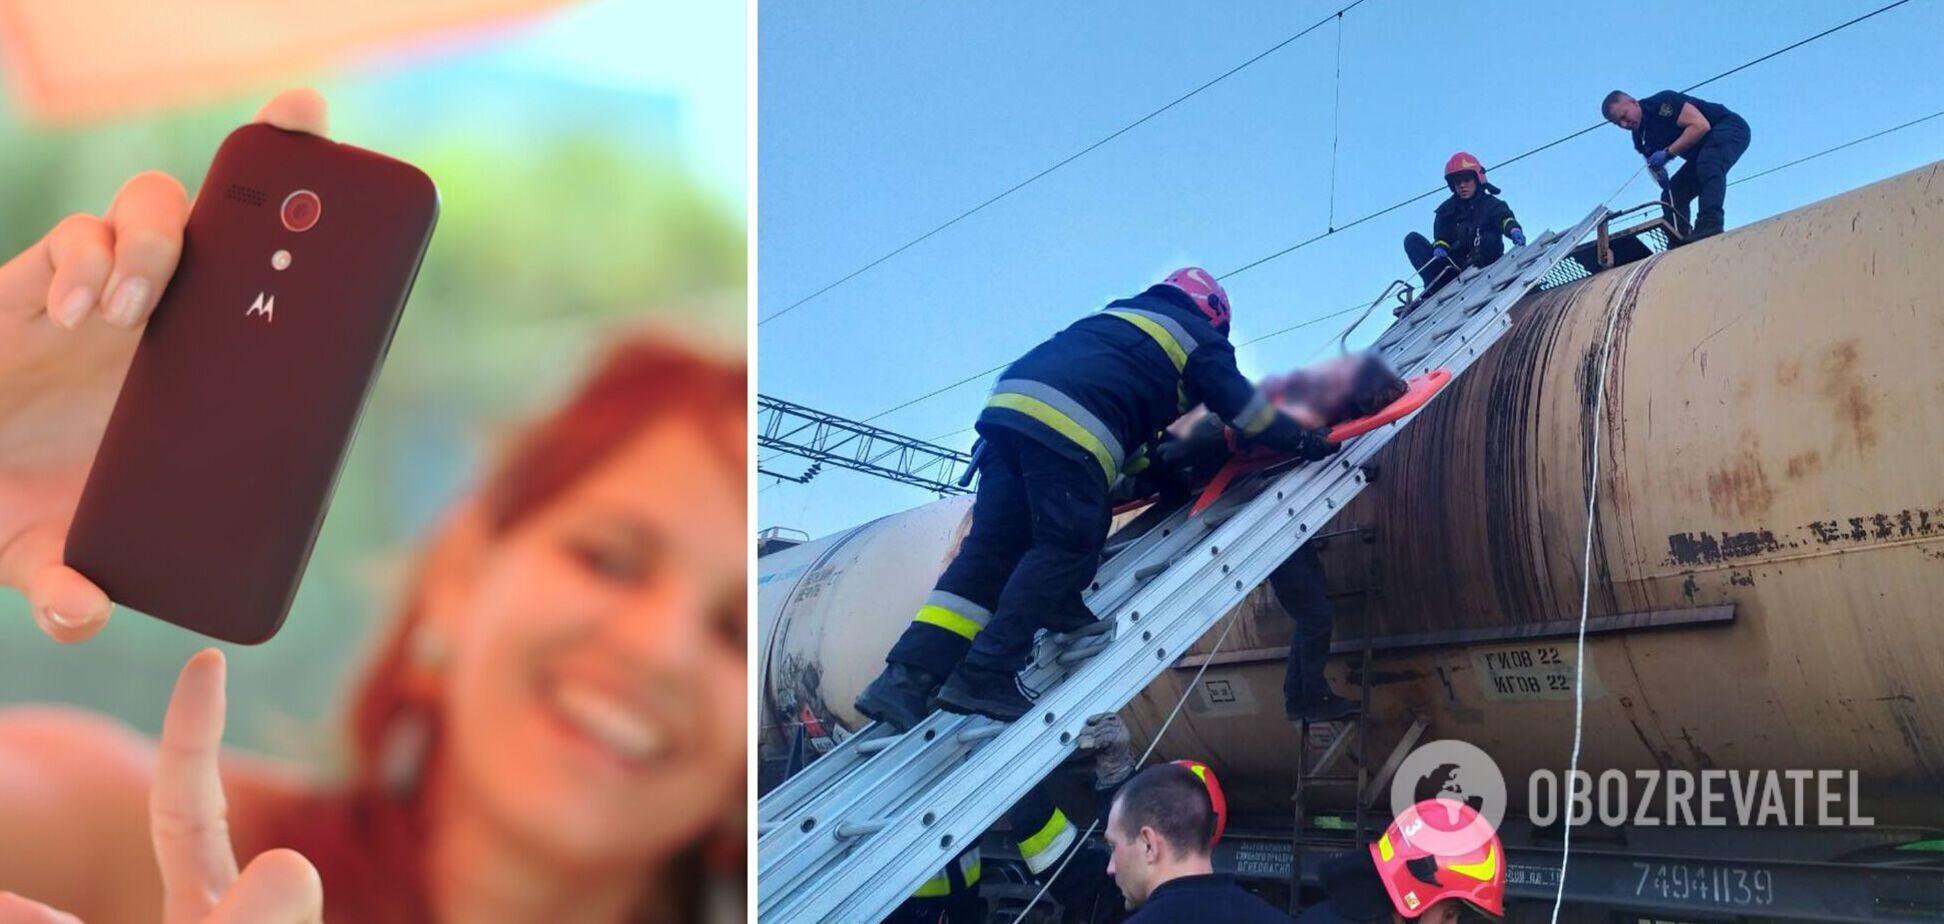 Во Львове девушка получила удар током, пытаясь сделать селфи на поезде. Фото и видео